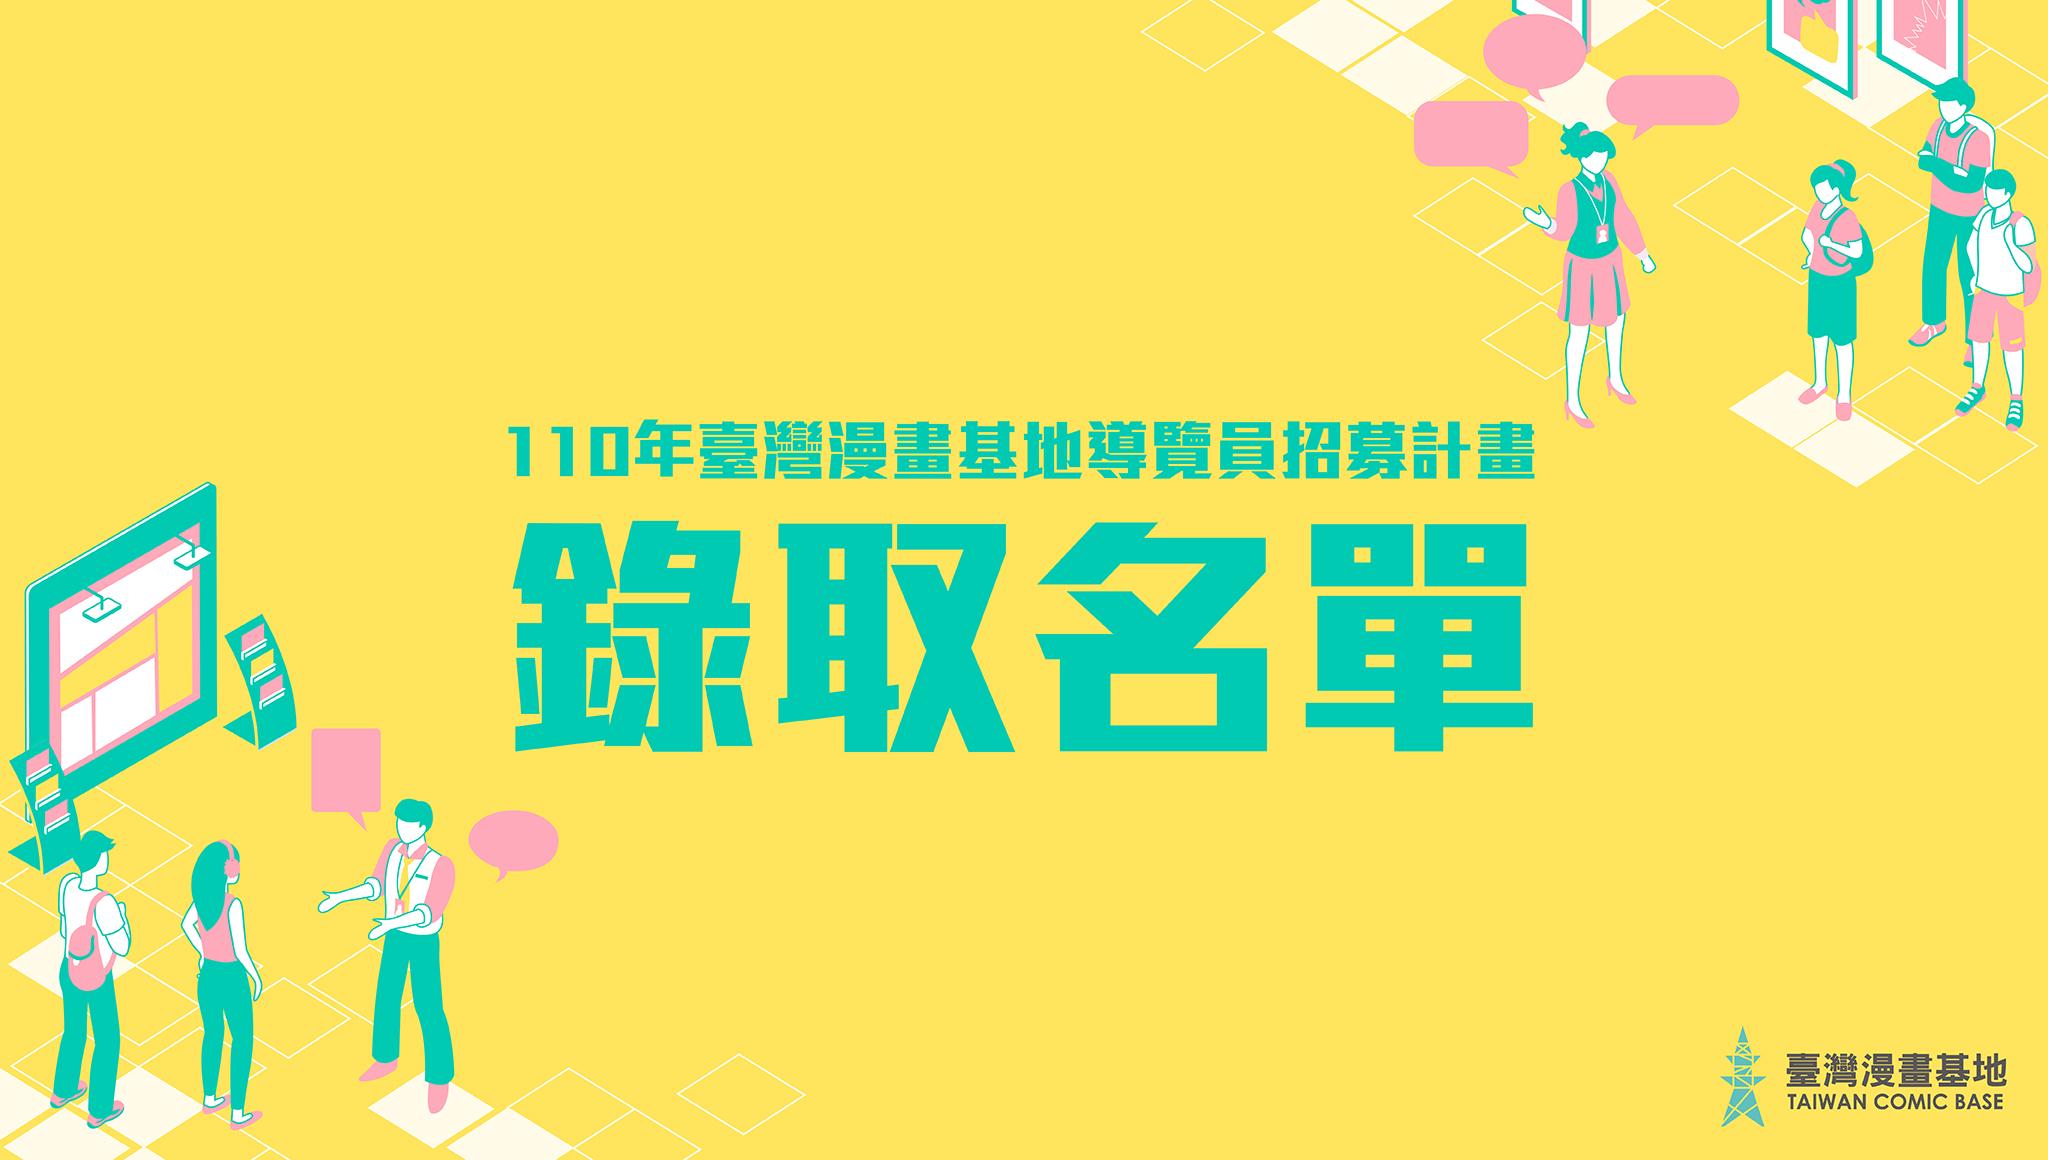 【言途漫行】110年度臺灣漫畫基地-導覽人員招募計畫:錄取名單